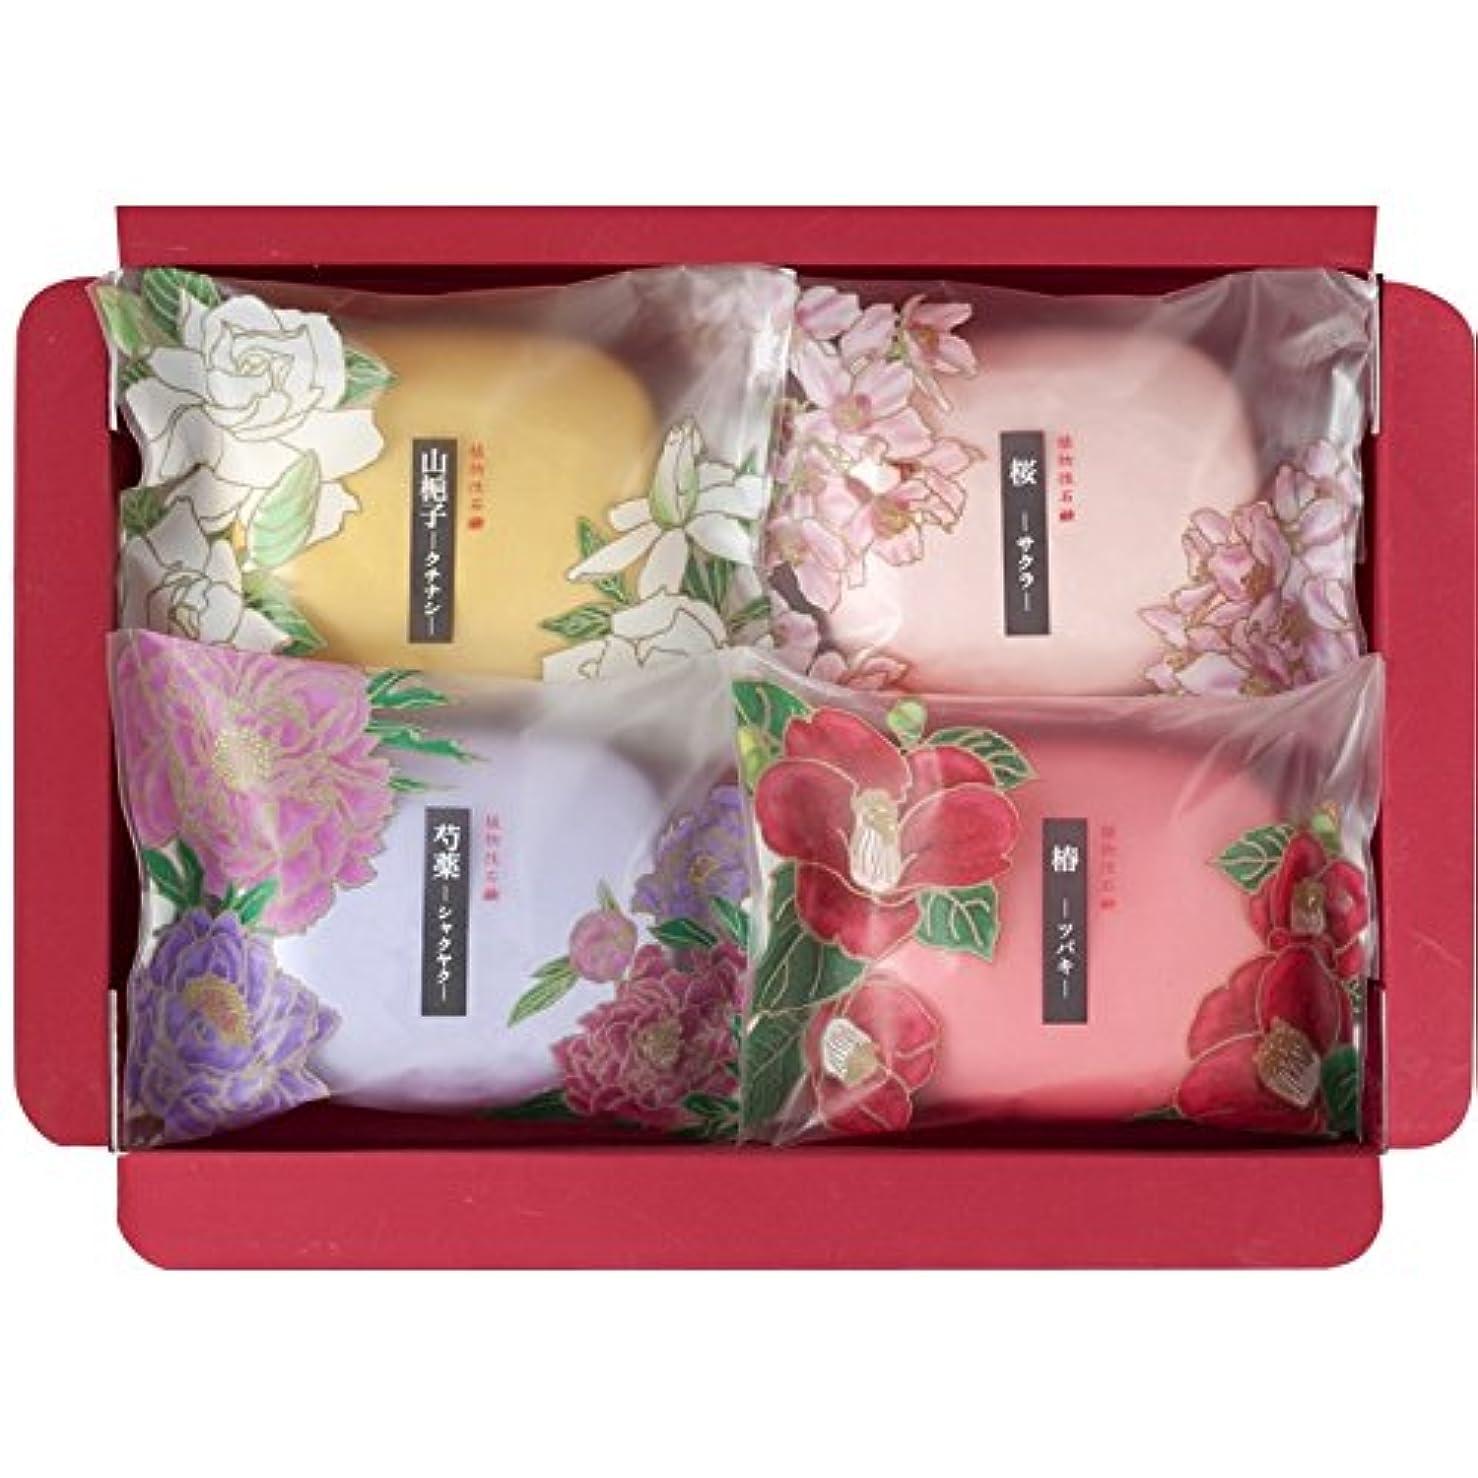 に賛成バスルーム能力彩花だより 【固形 ギフト せっけん あわ いい香り いい匂い うるおい プレゼント お風呂 かおり からだ きれい つめあわせ 日本製 国産 500】